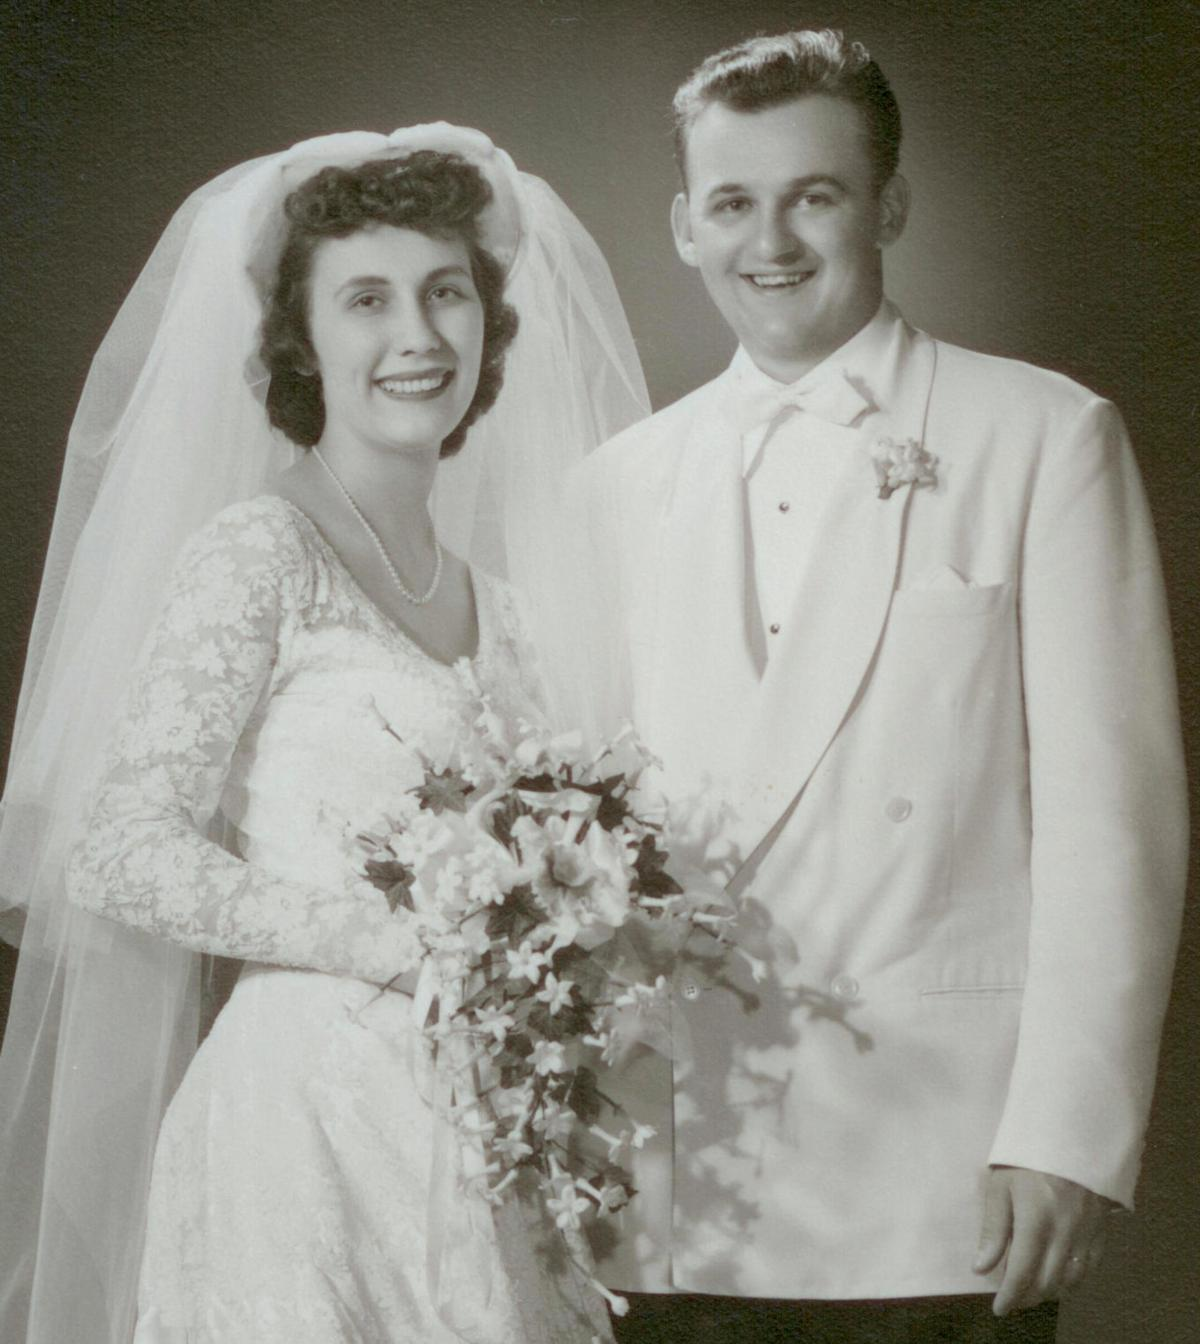 Cheers To 65 Years! Henry and Margaret Drewniak